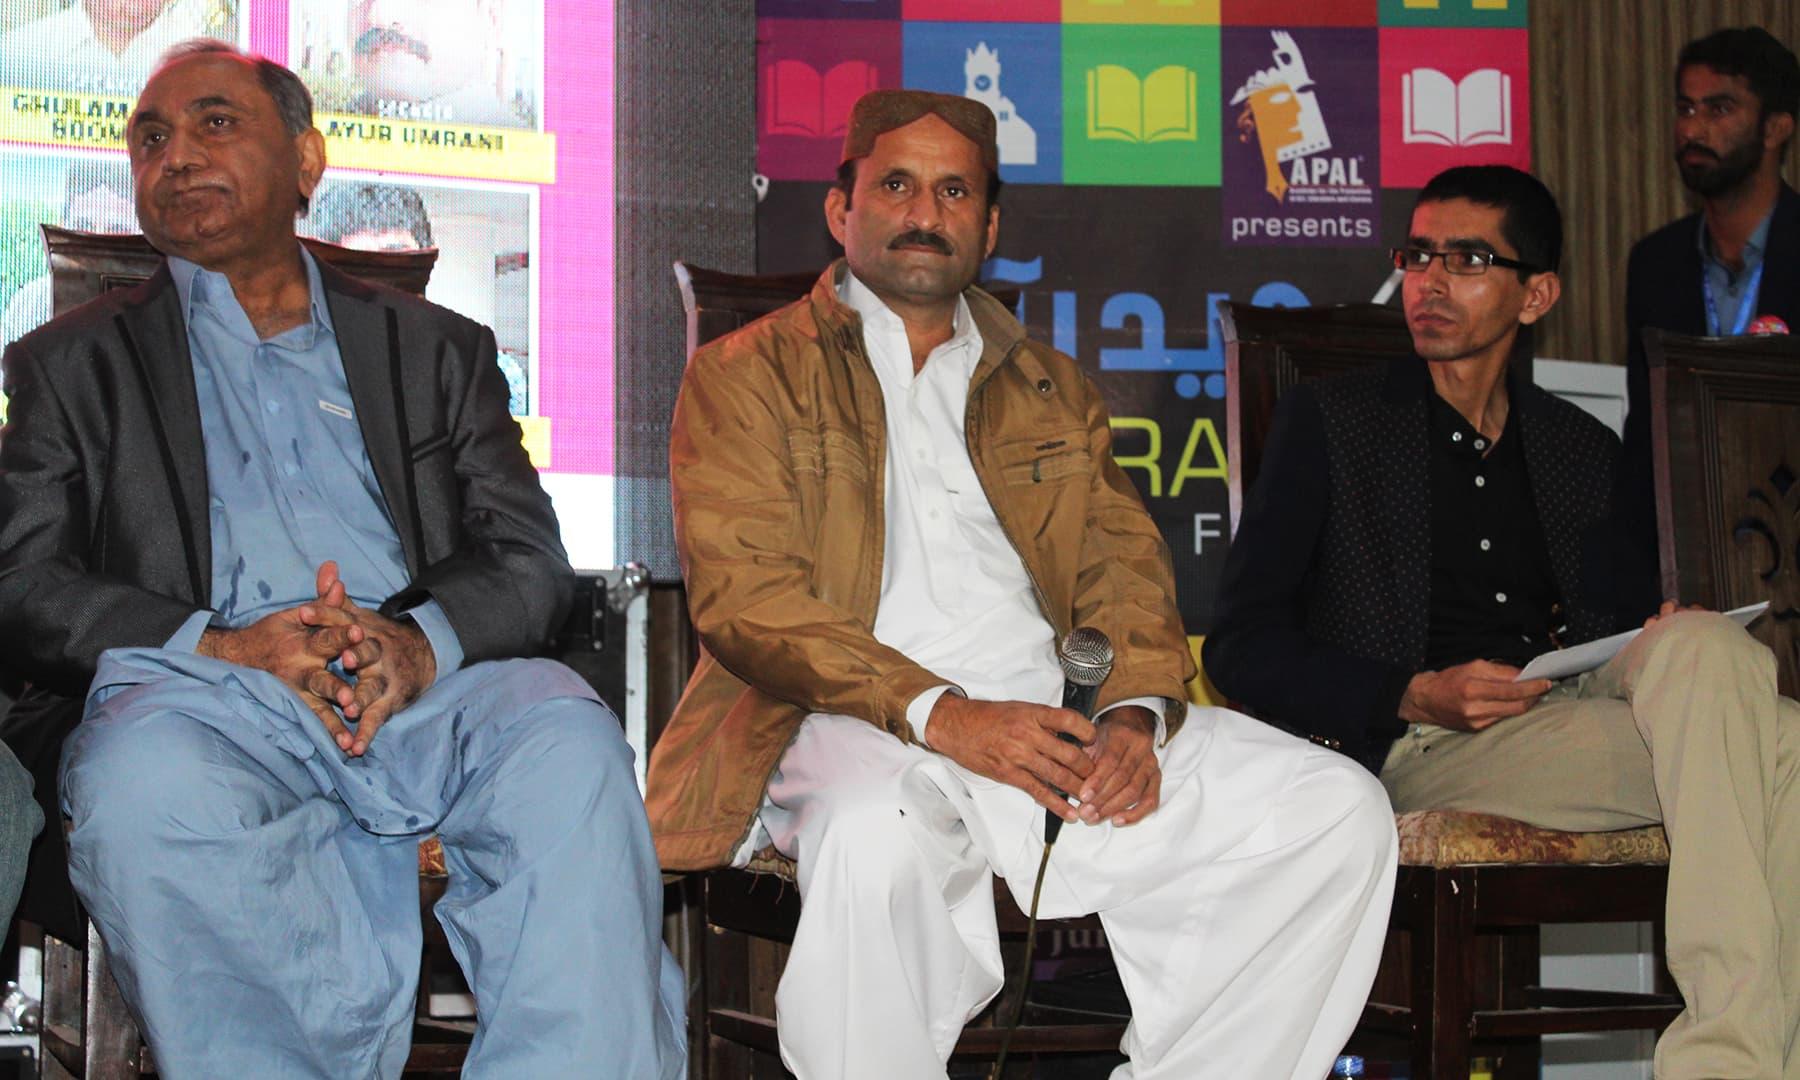 حیدرآباد لٹریچر فیسٹیول میں مختلف موضوعات پر نشستوں کا اہتمام کیا گیا تھا—تصویر اختر حفیظ